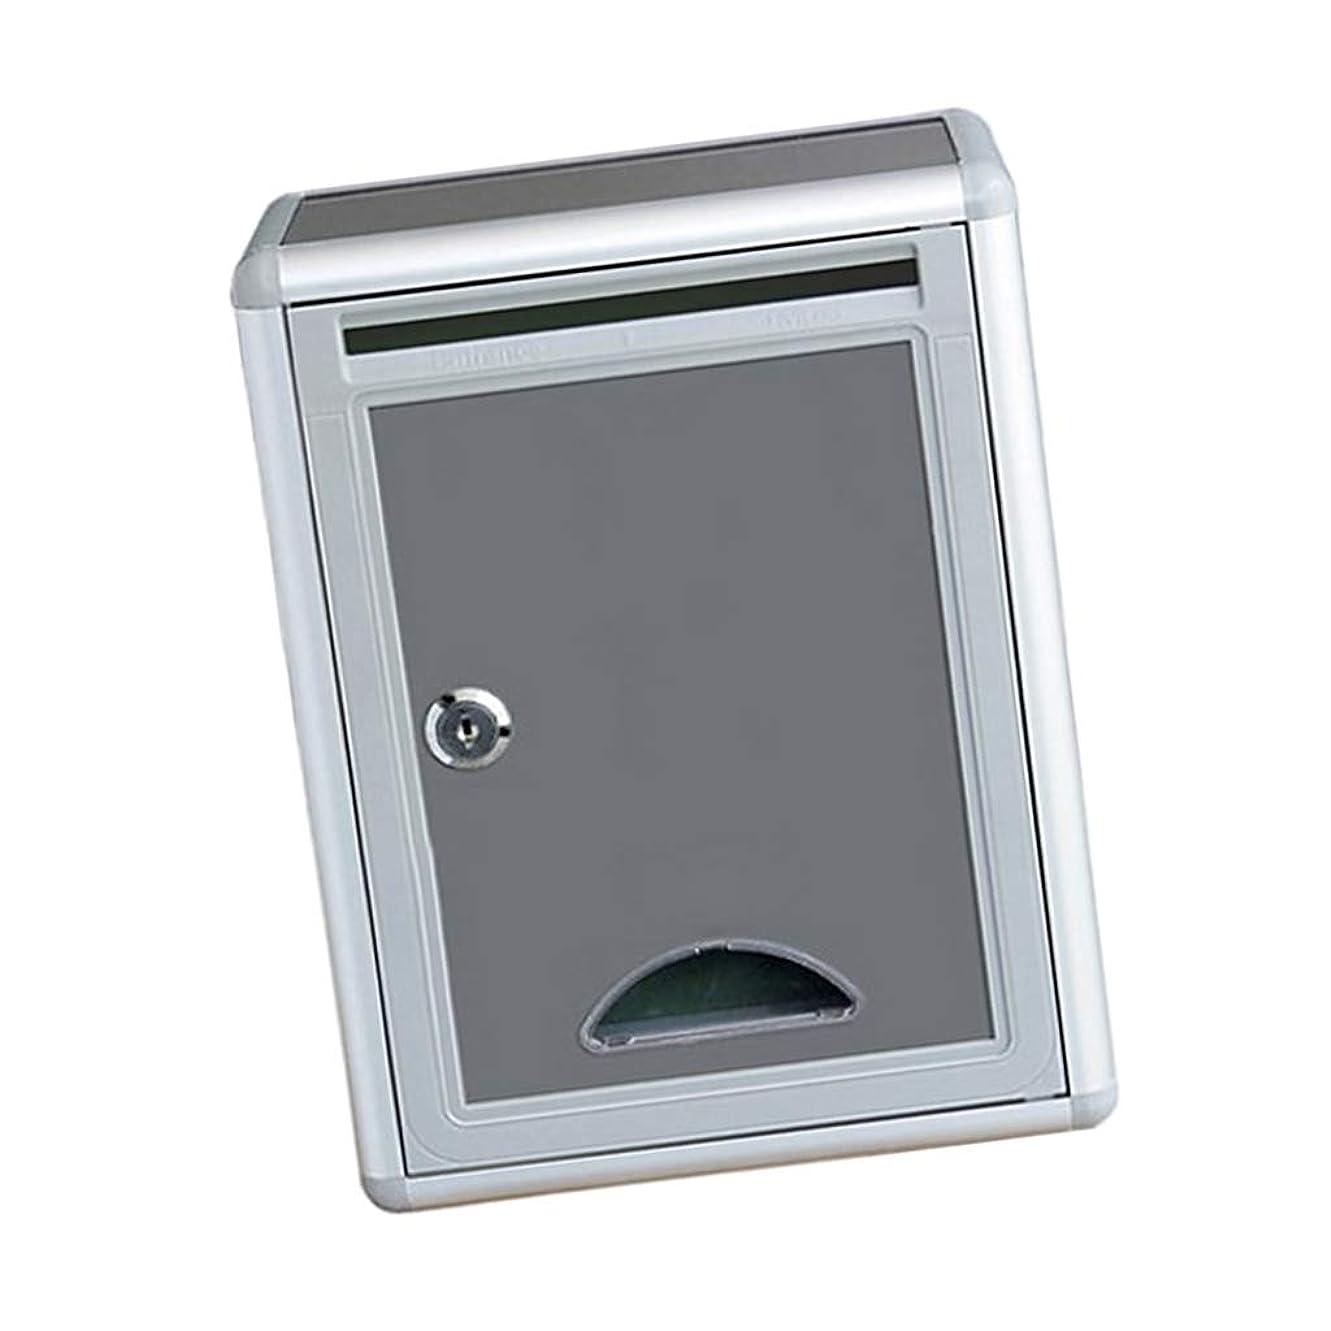 感謝祭銀メイトB Baosity 屋外 セキュリティ ロックボックス レターボックス 提案ボックス 新聞 ボックス